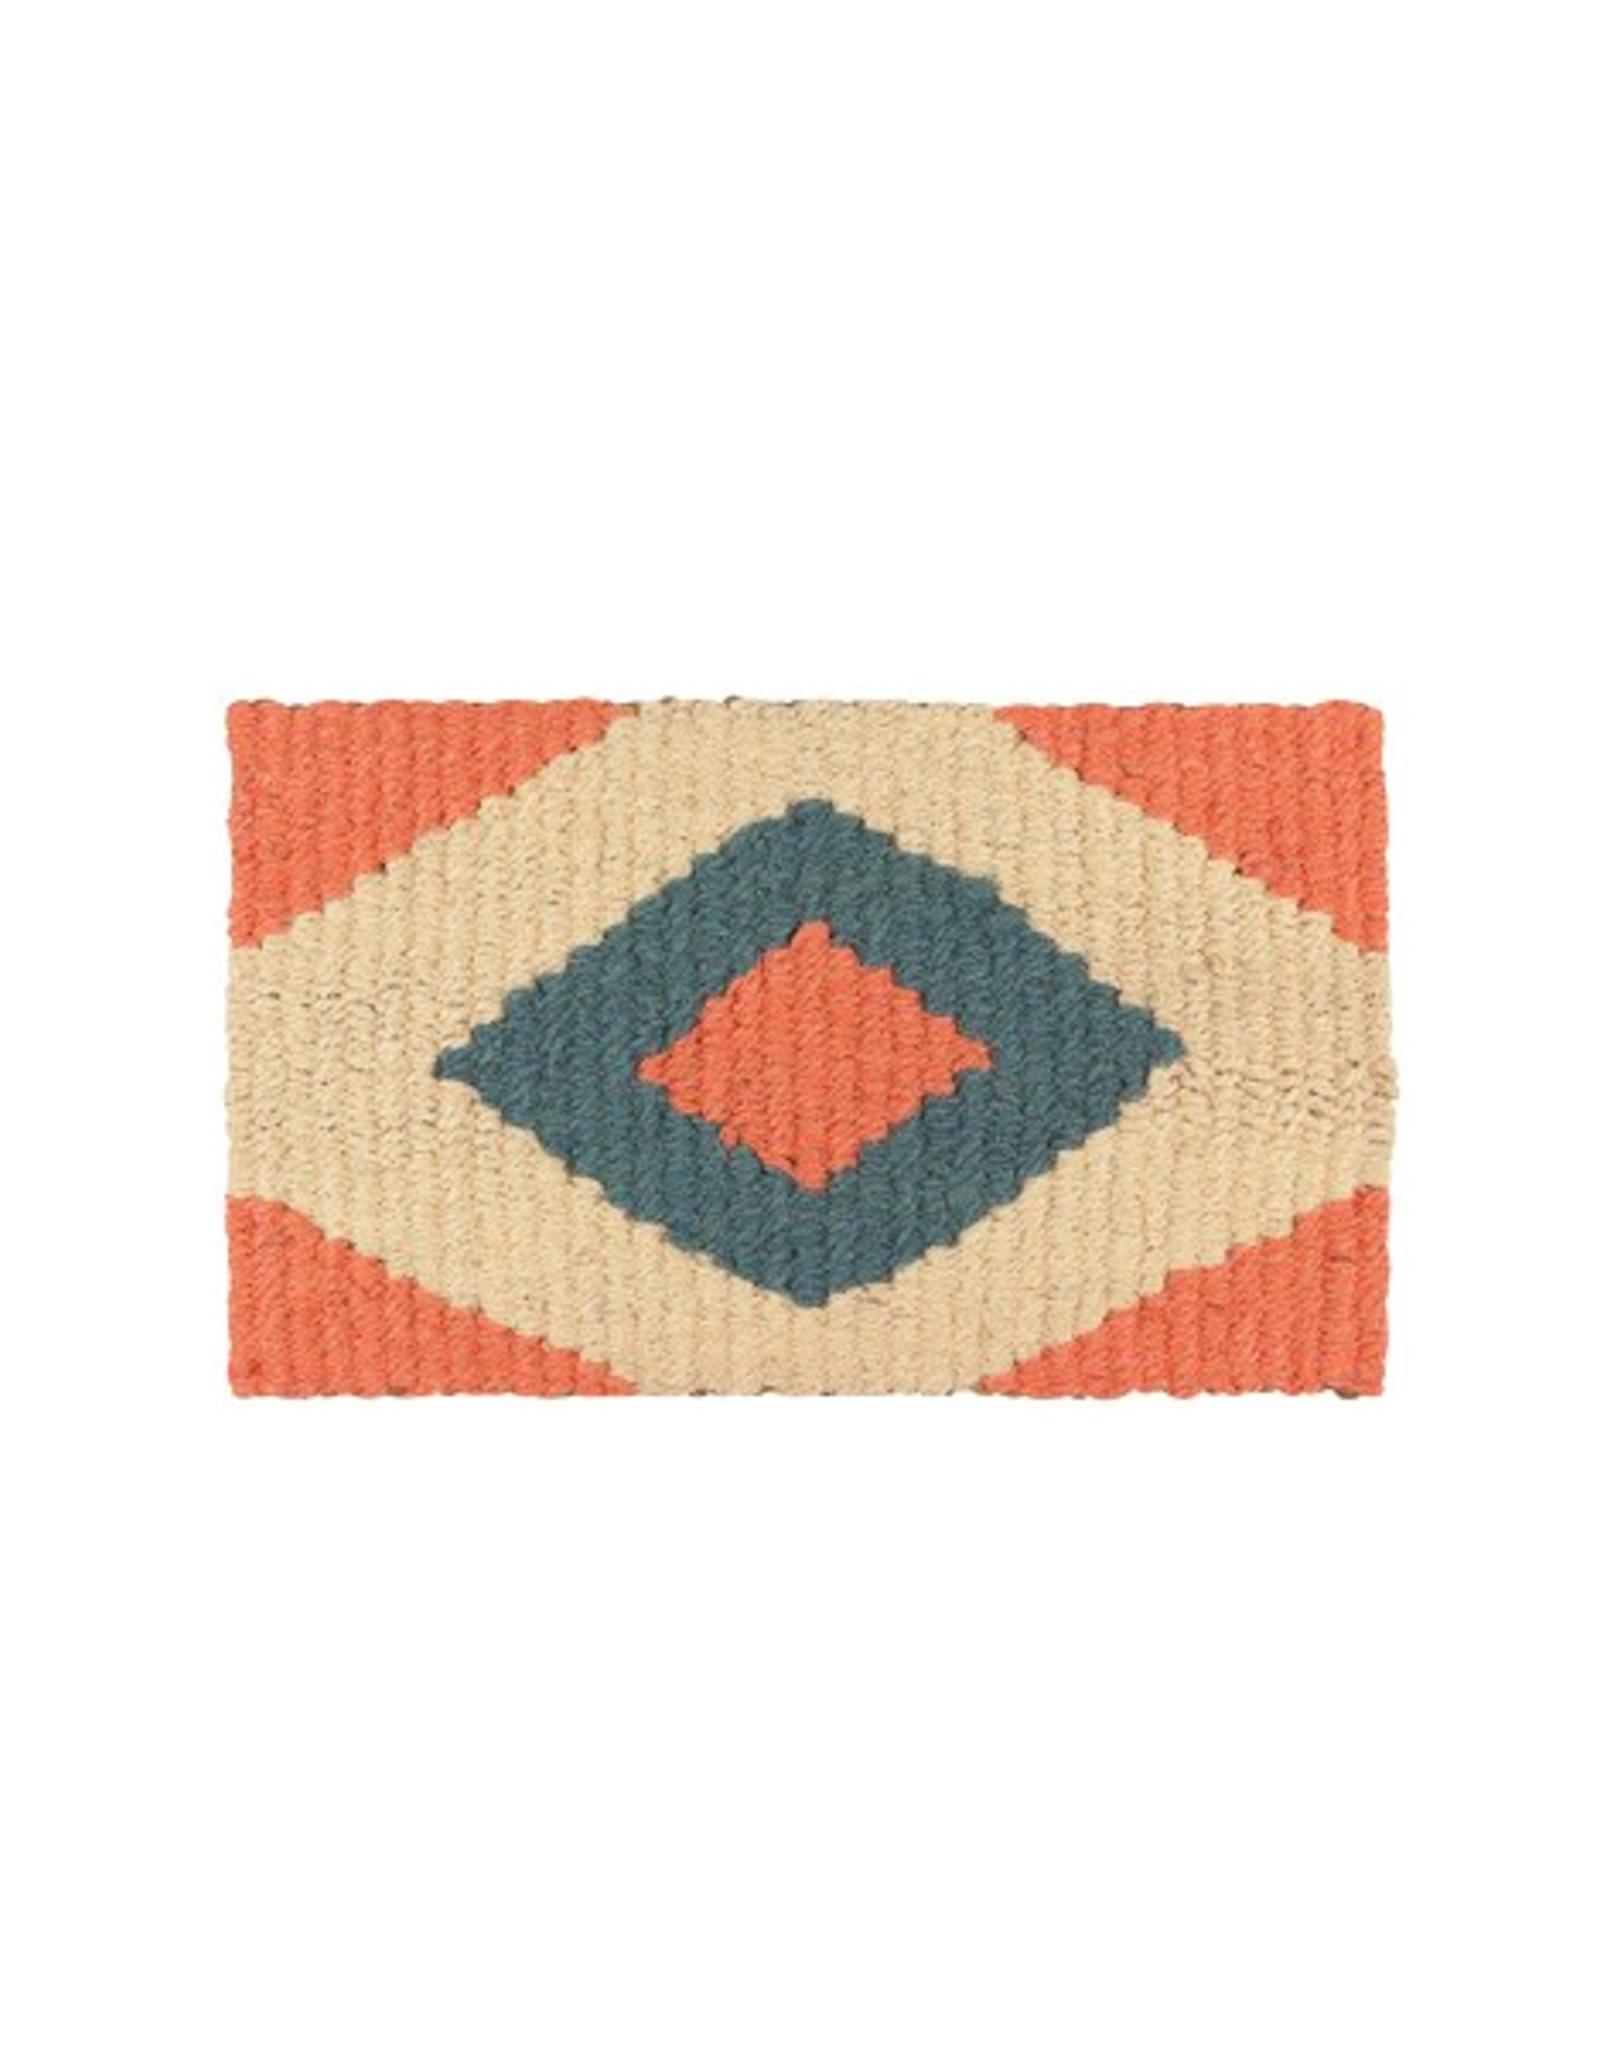 DCA - Doormat/Clay Diamond